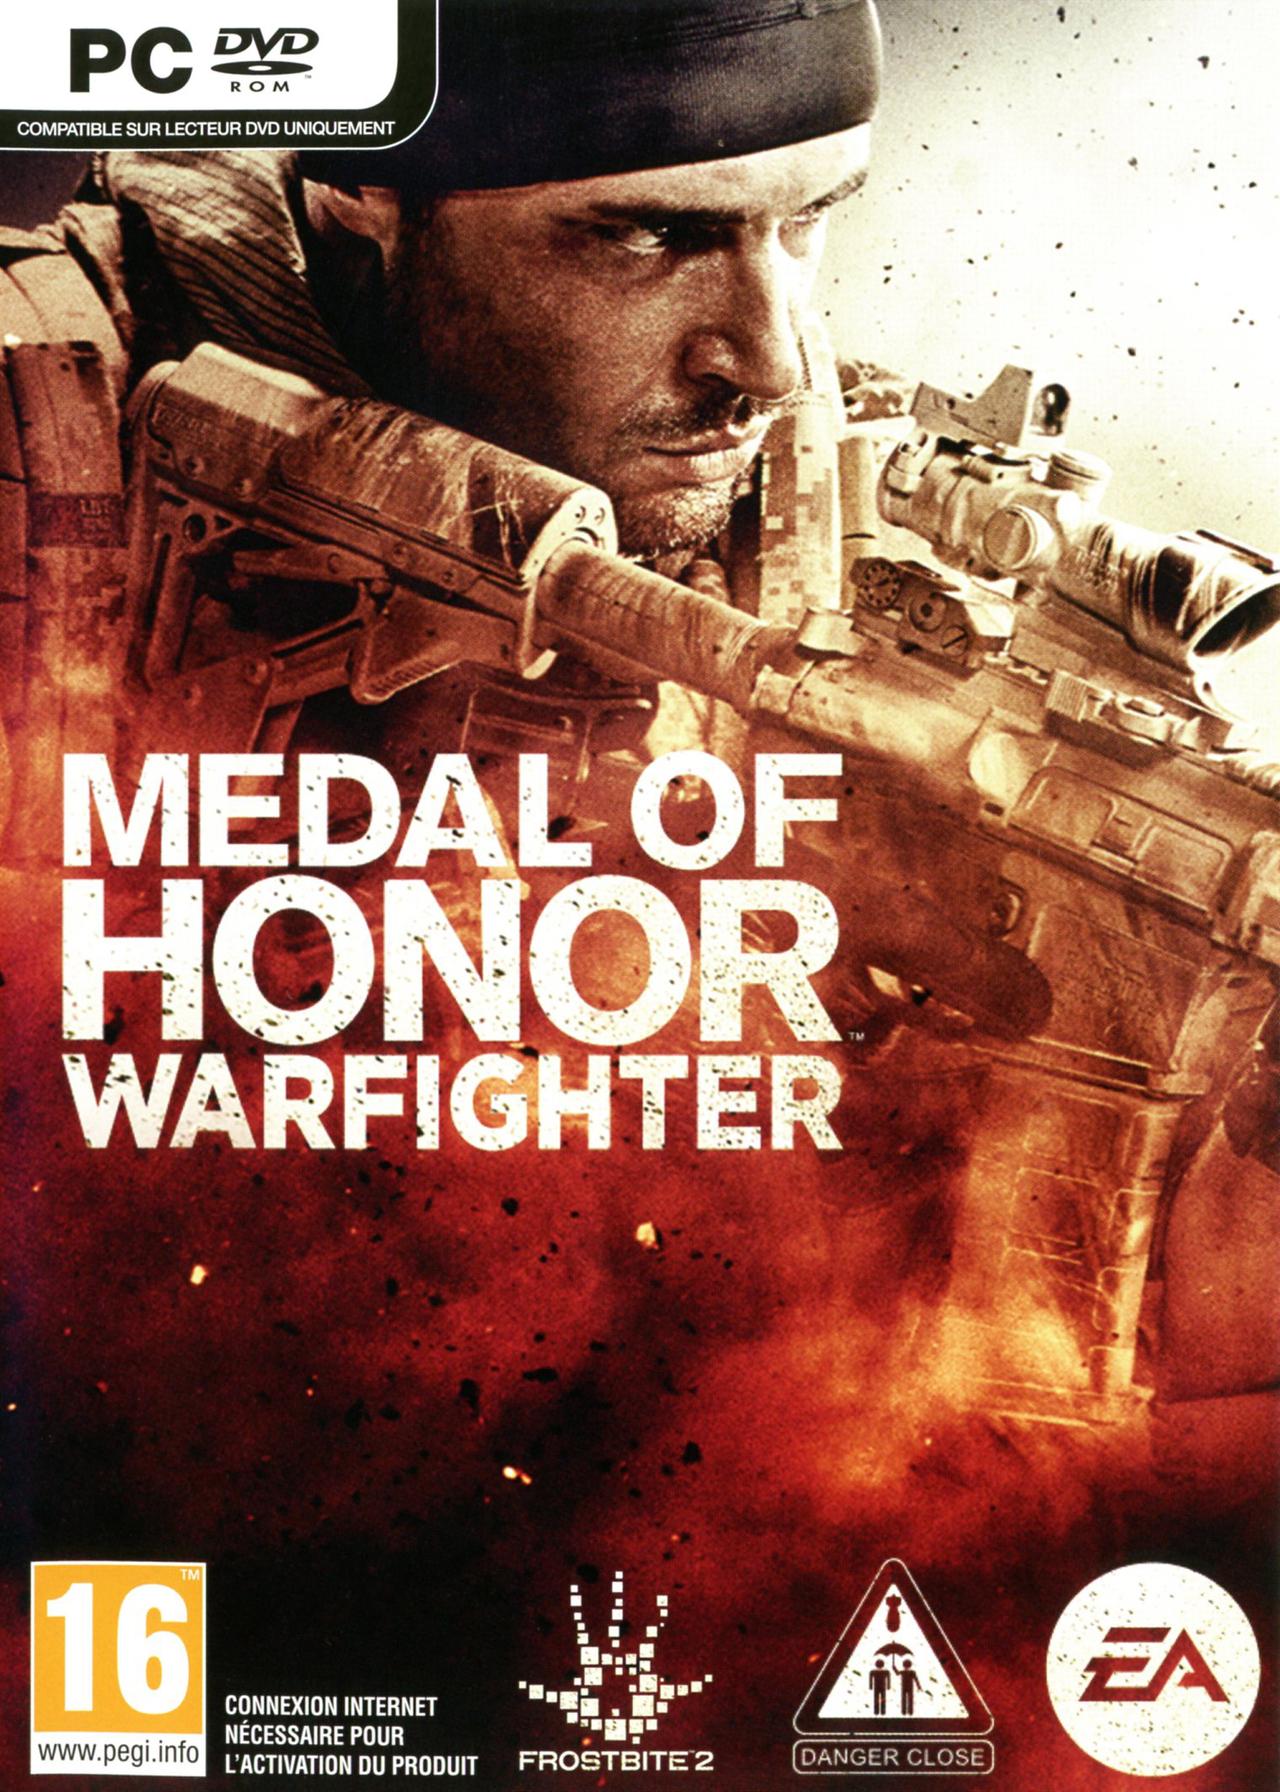 لعبةmedal of honor: Warfighter بروابط تورنت  كراك